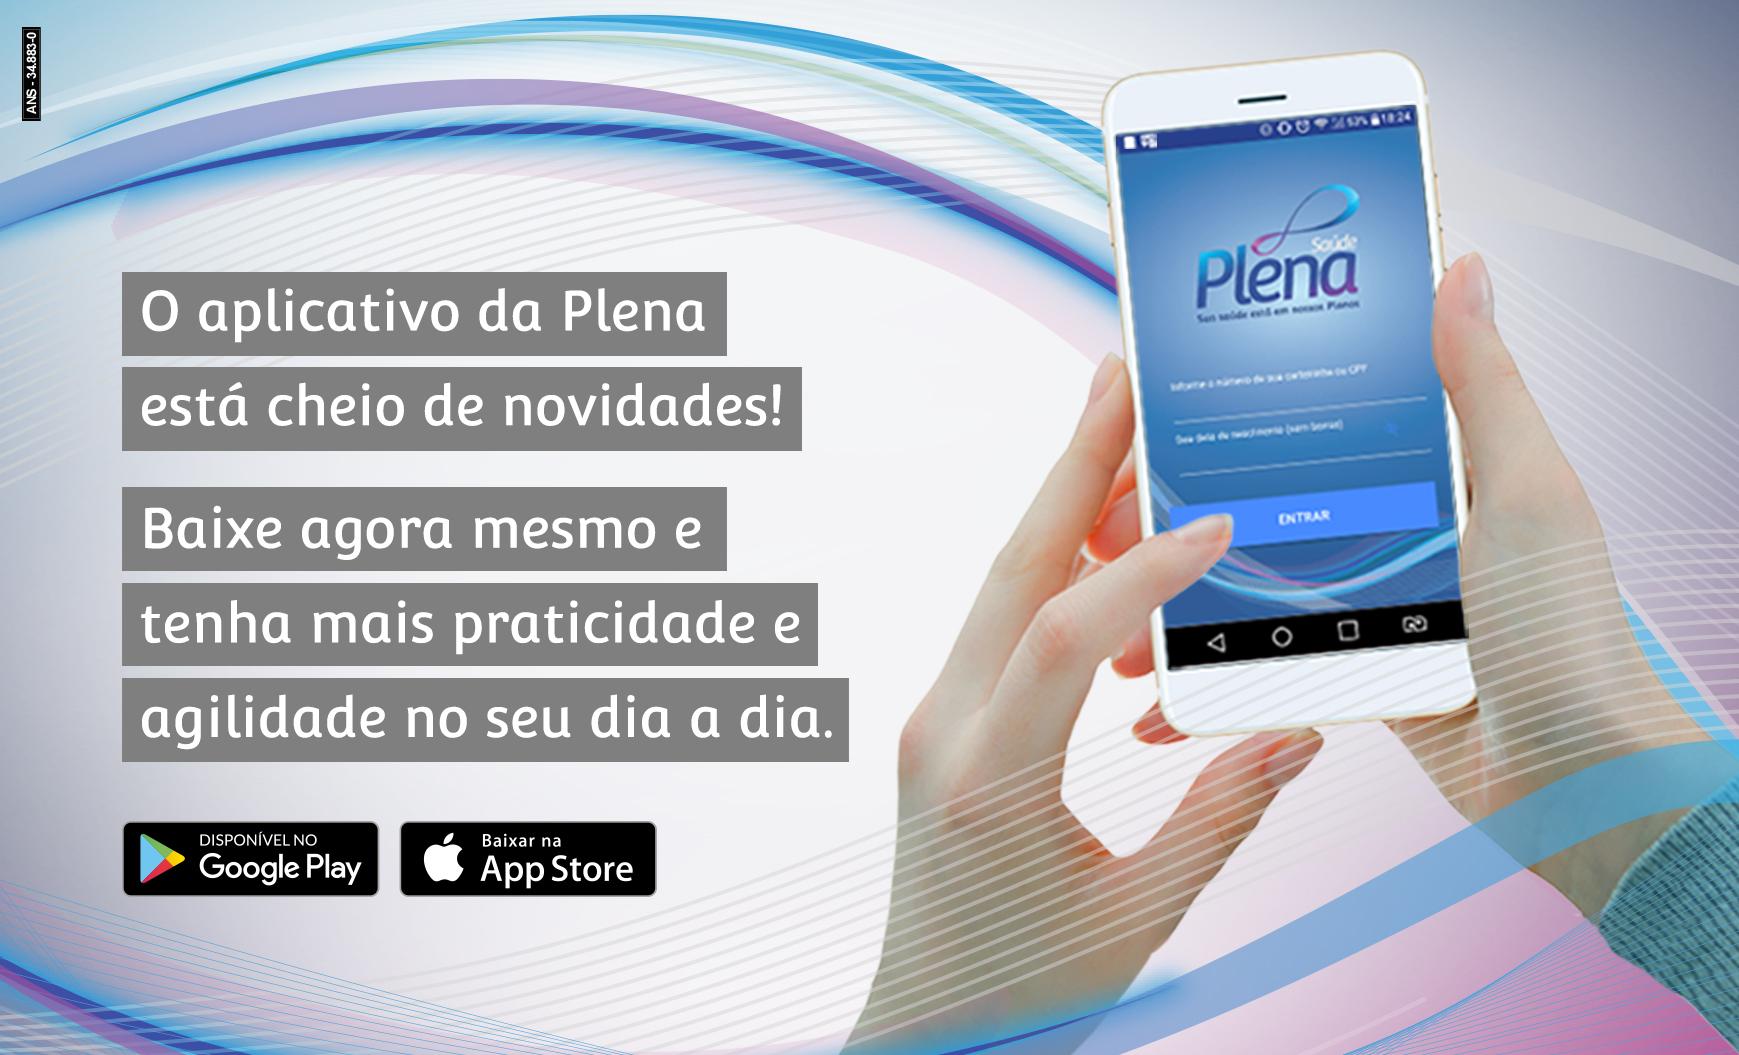 Plena Saúde apresenta novas funcionalidades em seu app